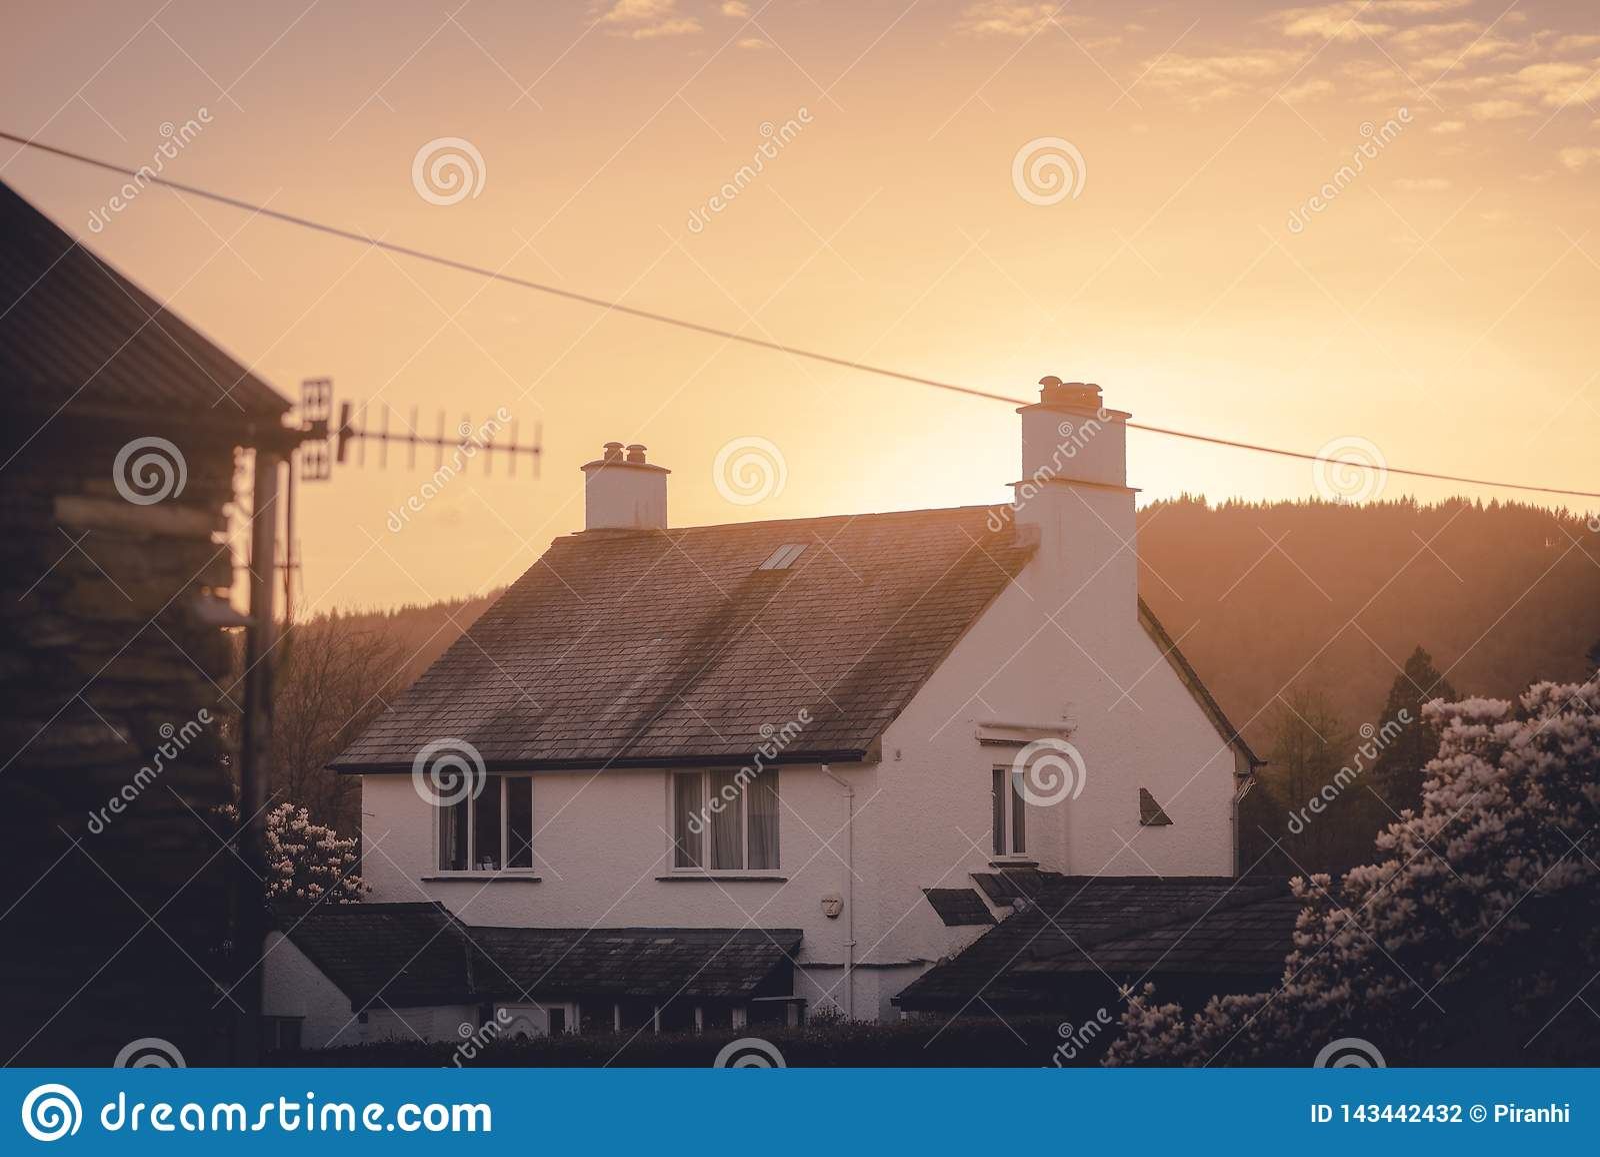 Un cottage anglais couvert de chaume confortable avec le soleil orange chaud plaçant derrière lui au milieu du ressort